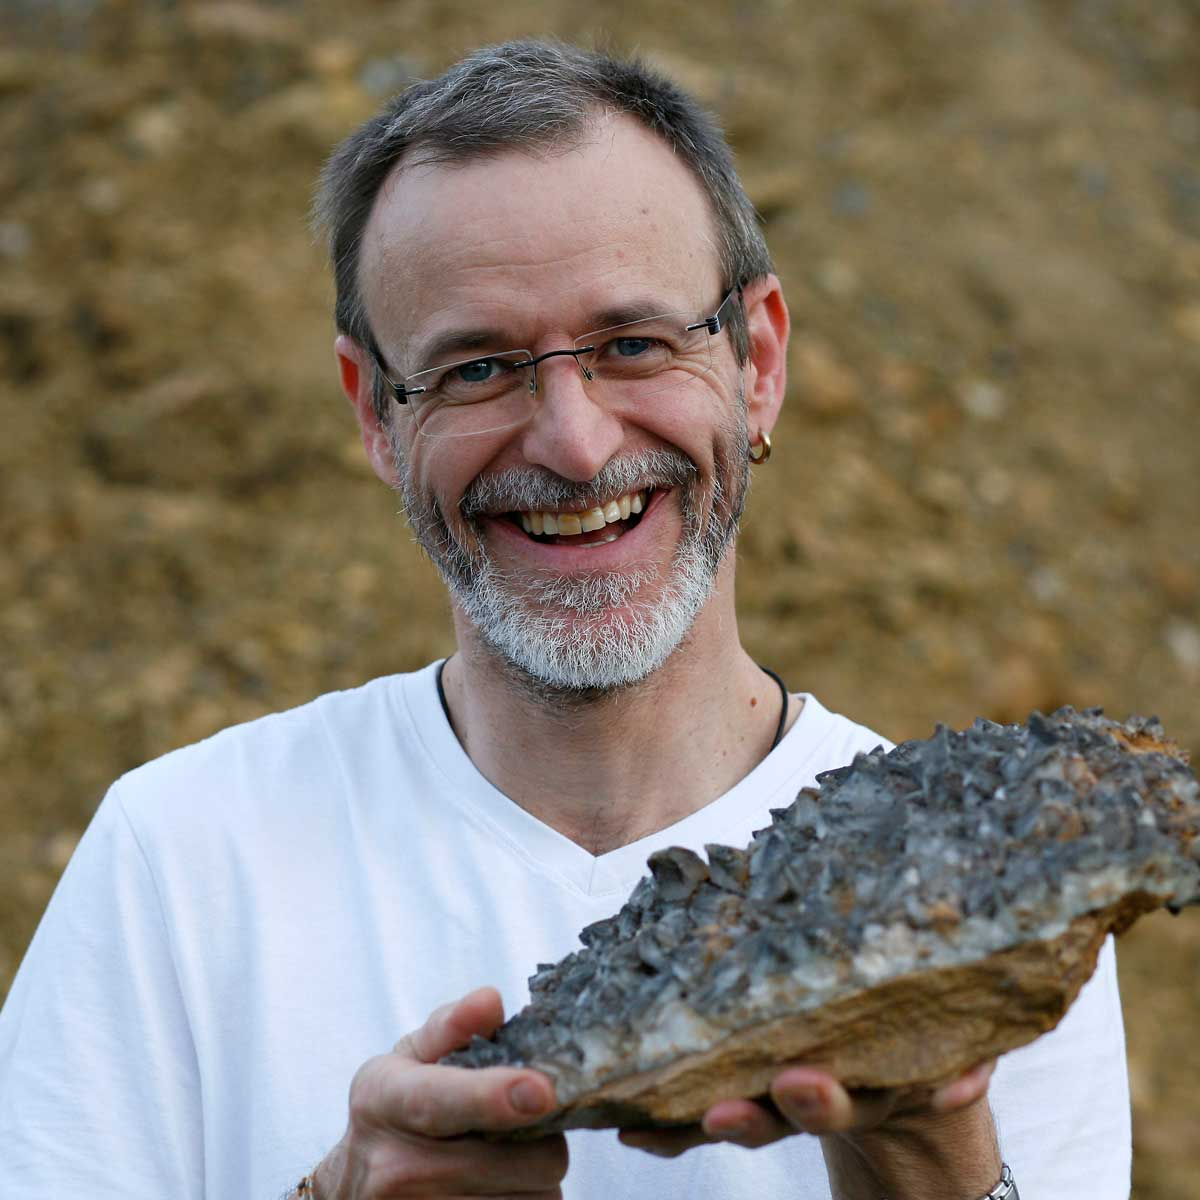 Dr. Michael Schlirf